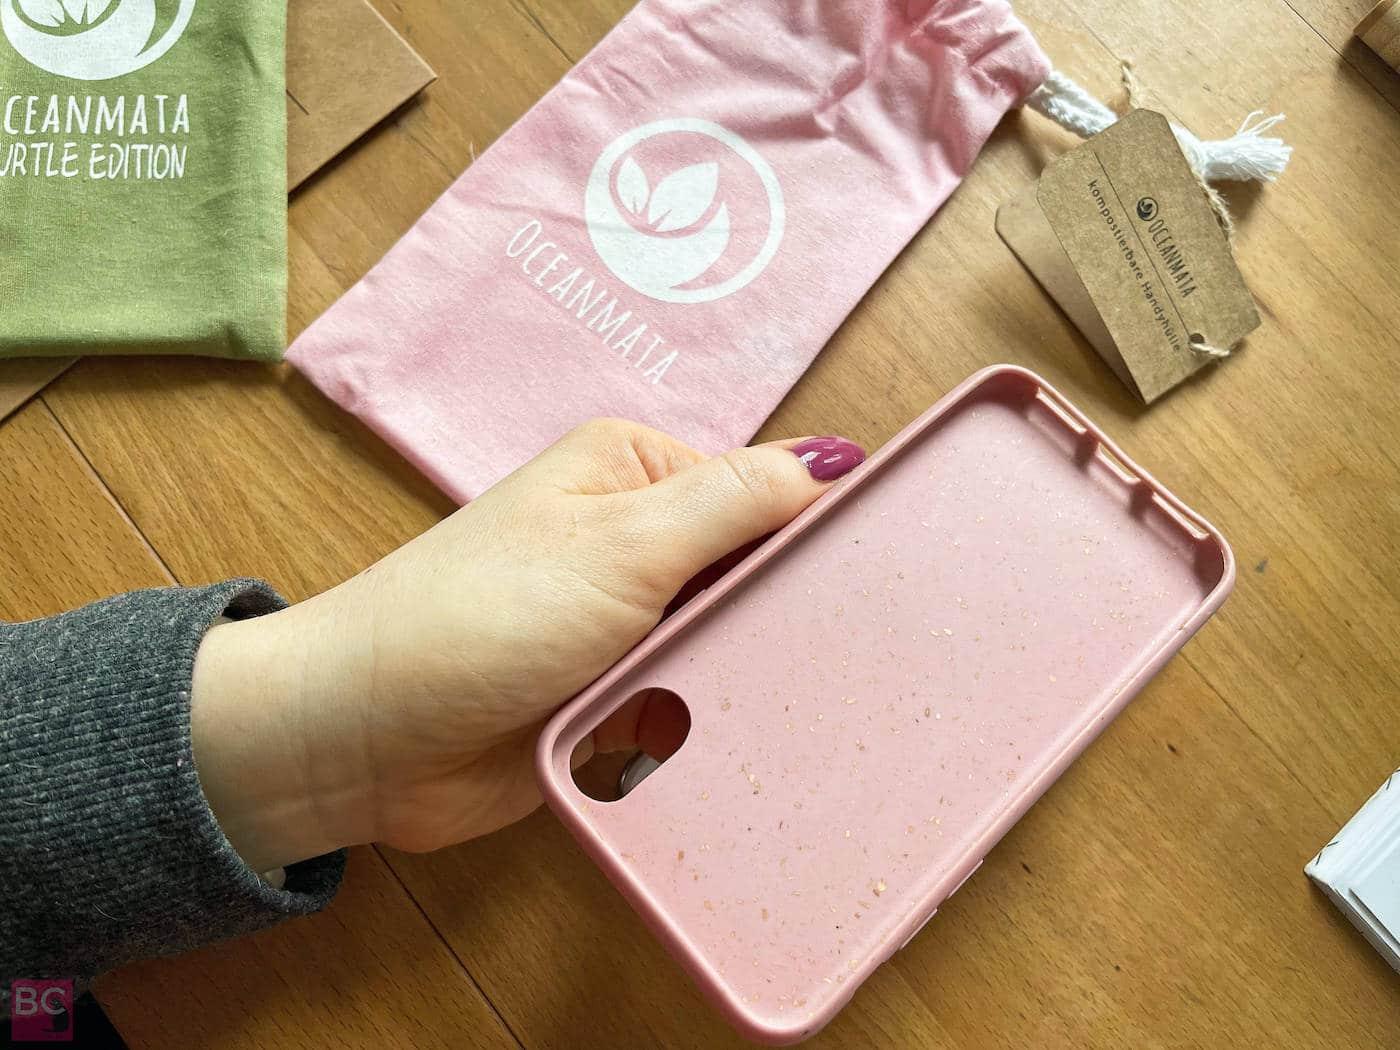 innen rose OceanMata biologische iphone Hülle rosa Handyhülle ohne Plastik recycelt biologisch abbaubar